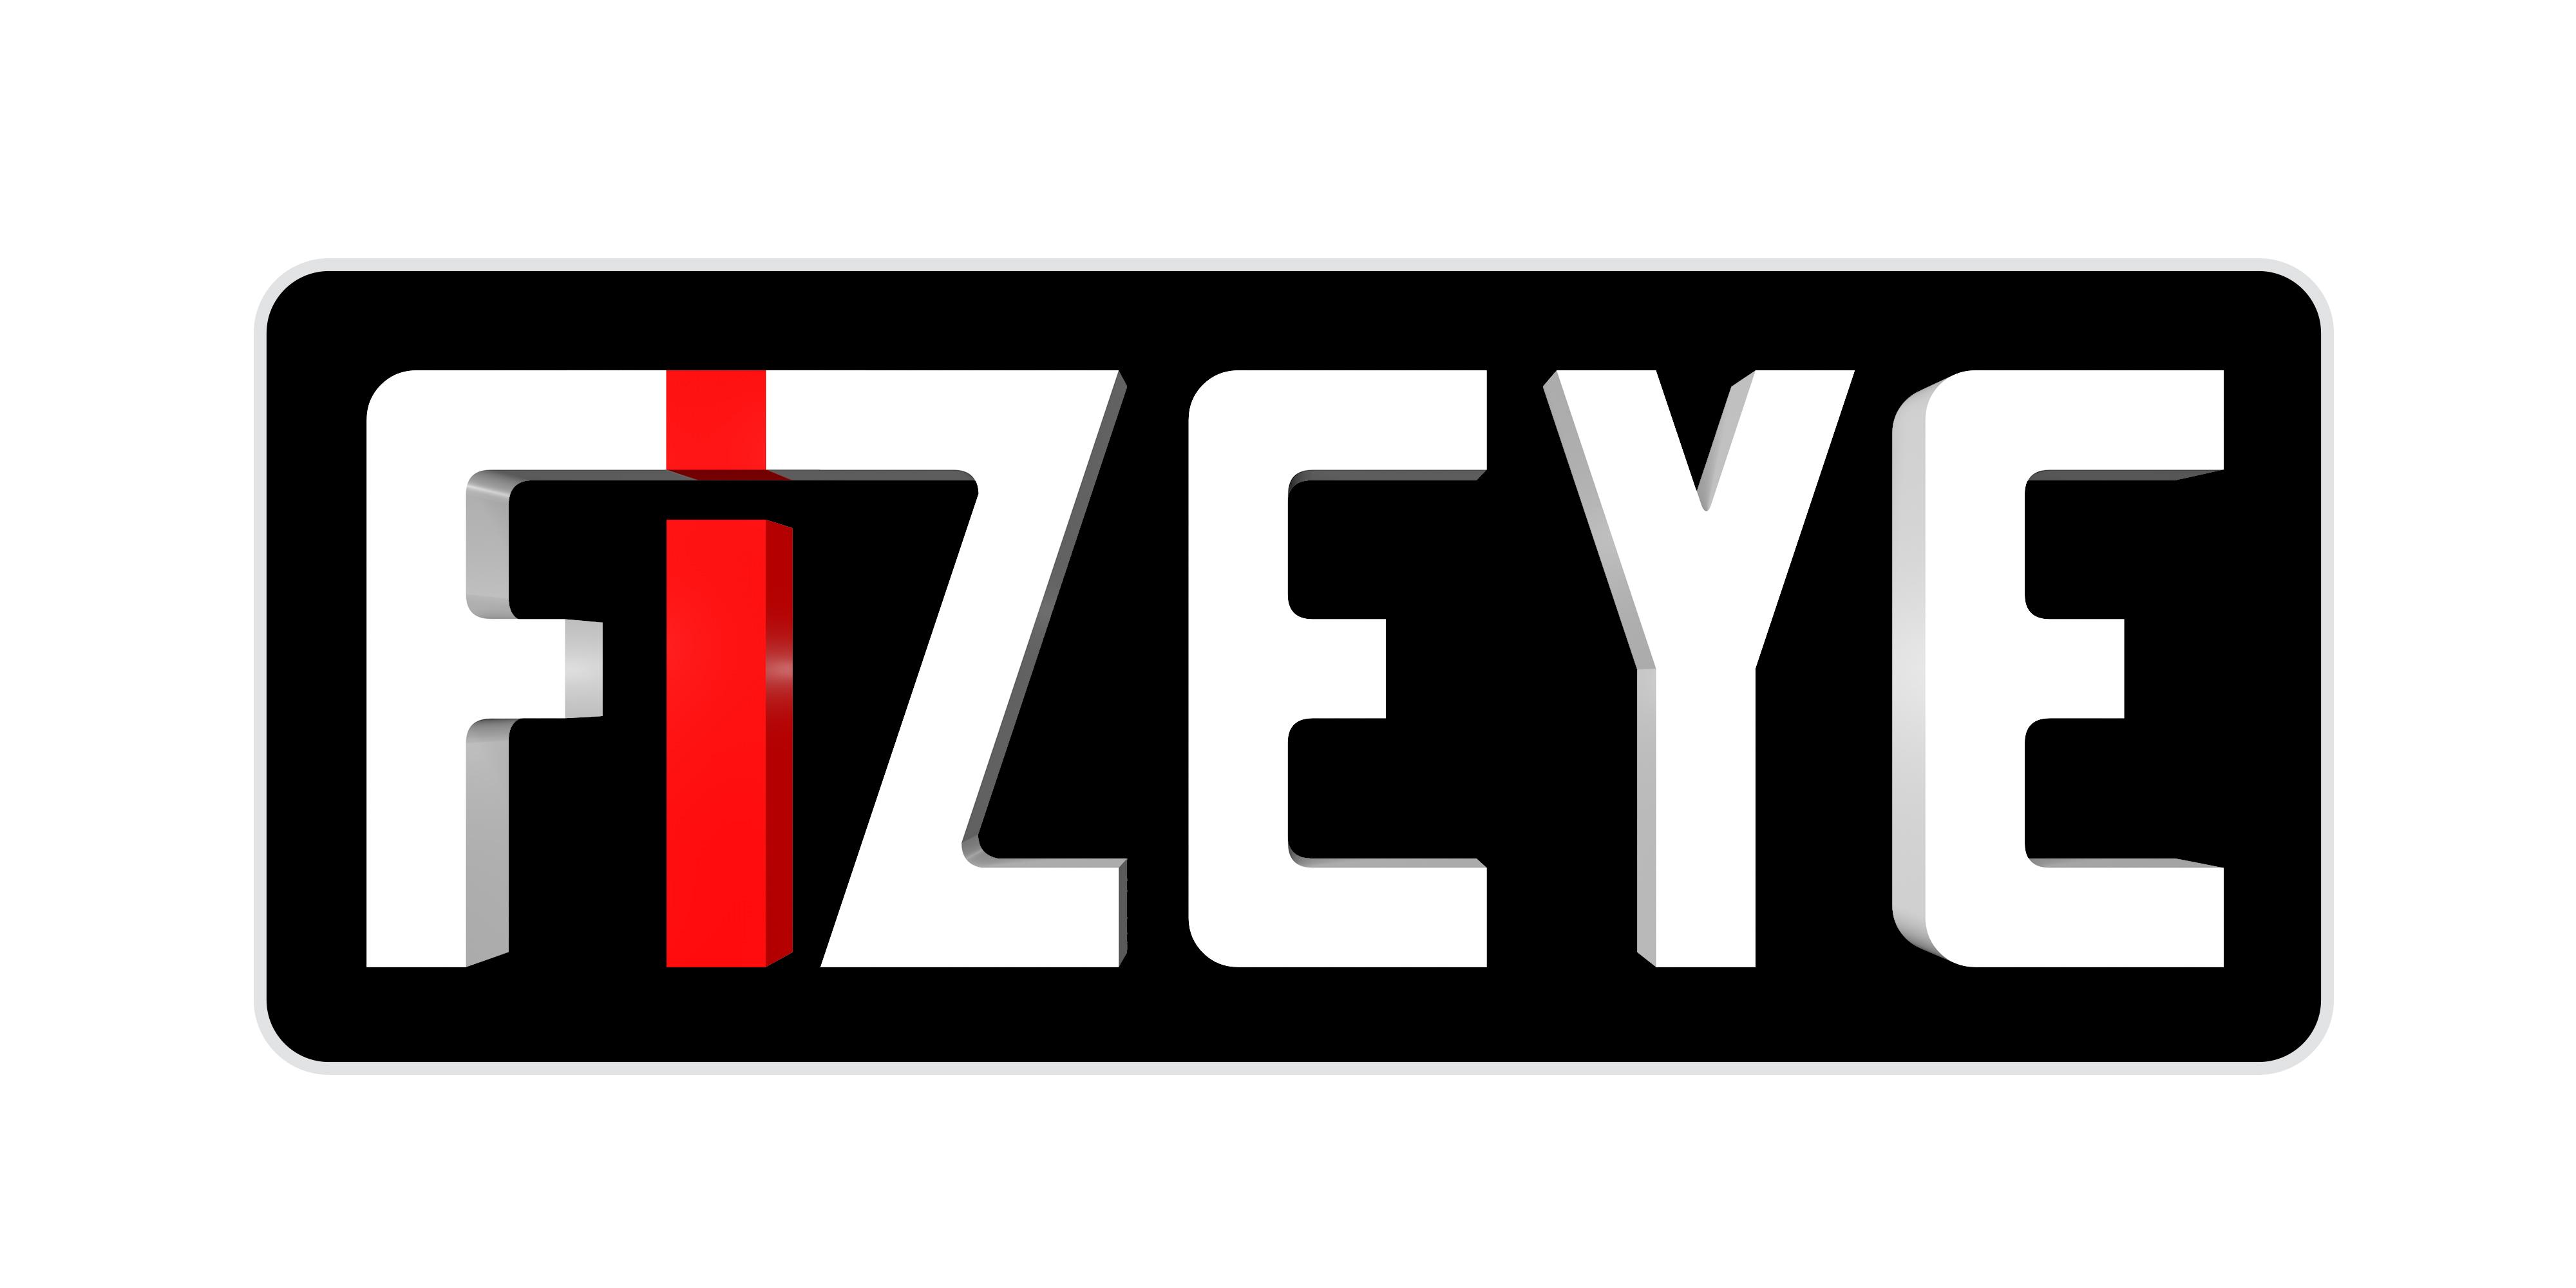 FiZEYE